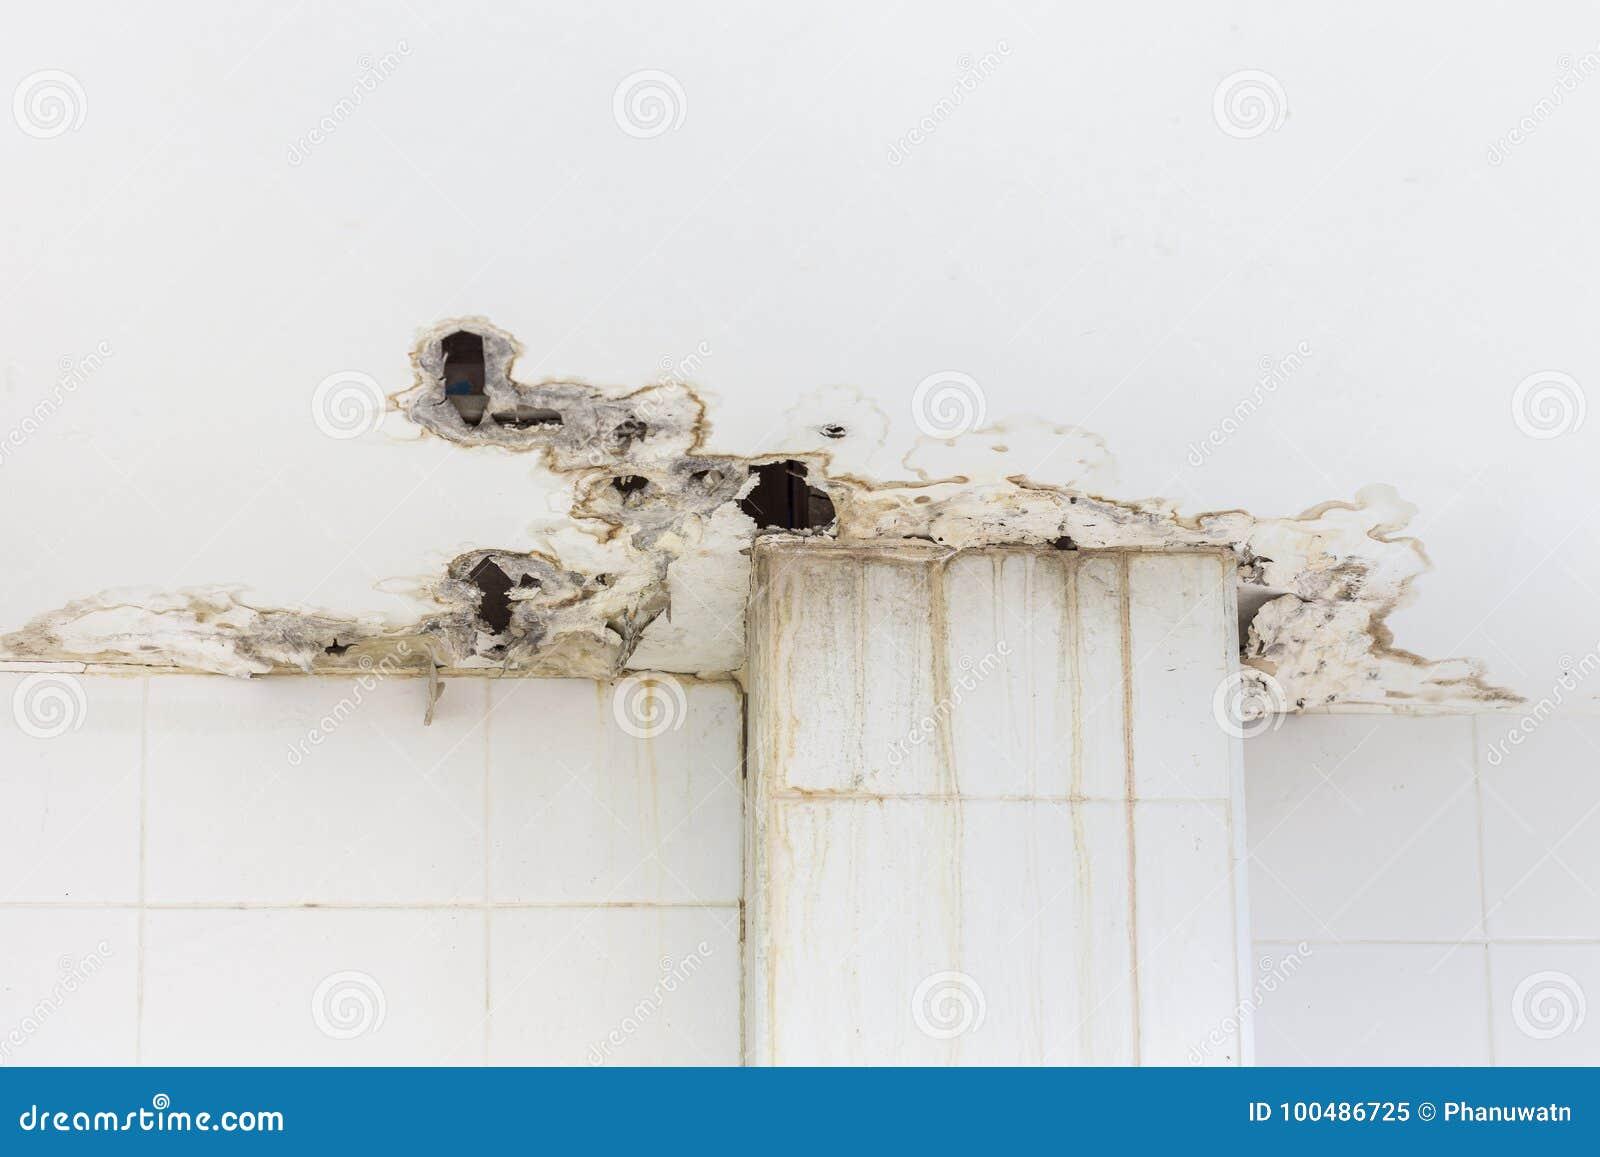 在大厦里面的天花板得到损坏显示湿气和dir